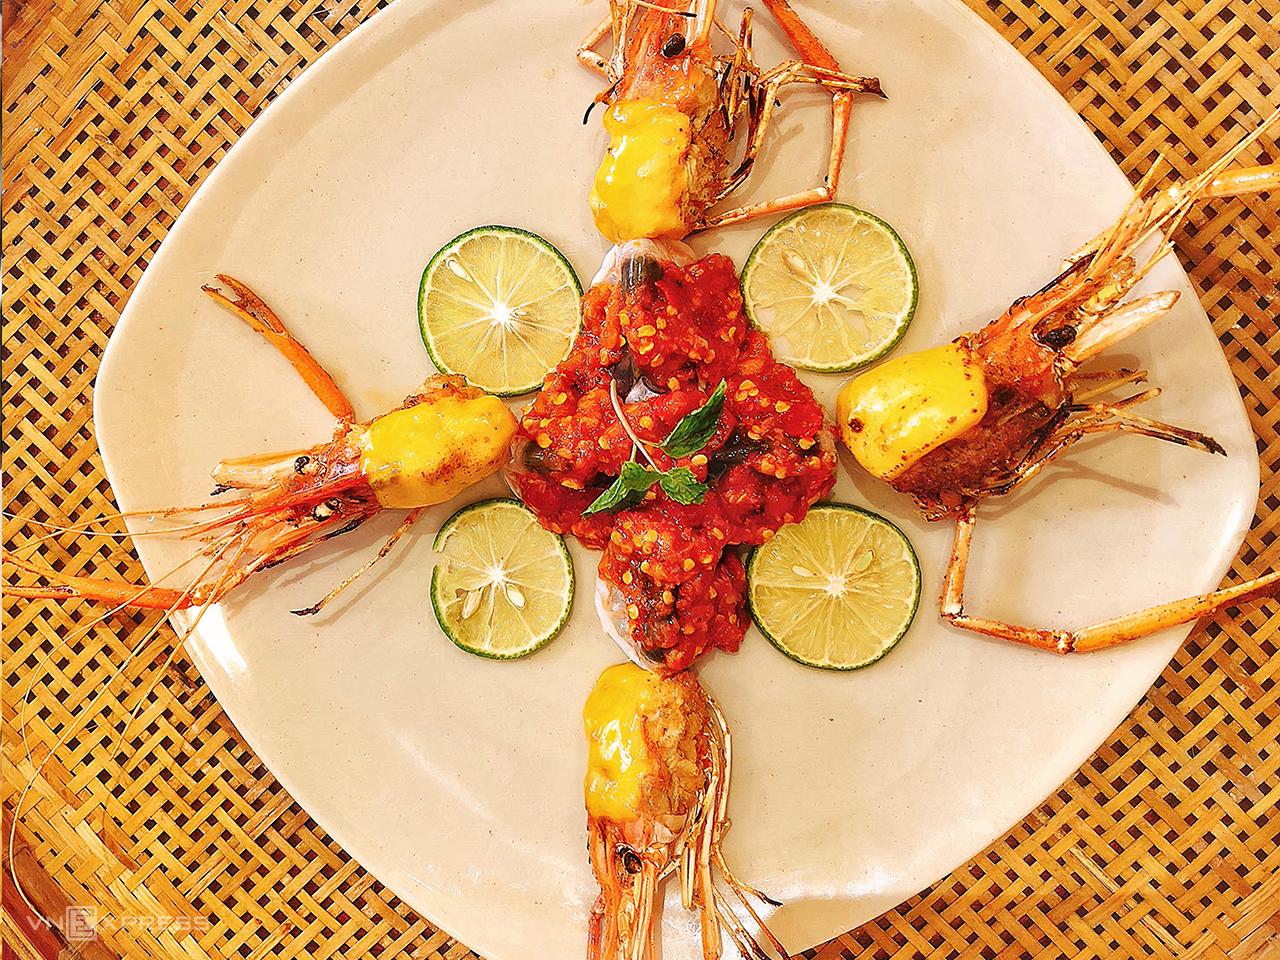 Vùng sông nước Cần Thơ vốn nổi tiếng với các món ăn như bún nước lèo, lẩu mắm và các loại bánh ngọt, nhưng không vì thế mà thiếu đi hương vị của những món ăn quốc tế. Tại đây, thực khách vẫn có thể trải nghiệm nền ẩm thực Thái Lan với đủ món, đủ hương vị chua cay ngọt đặc sắc. Ảnh: Hải Trần